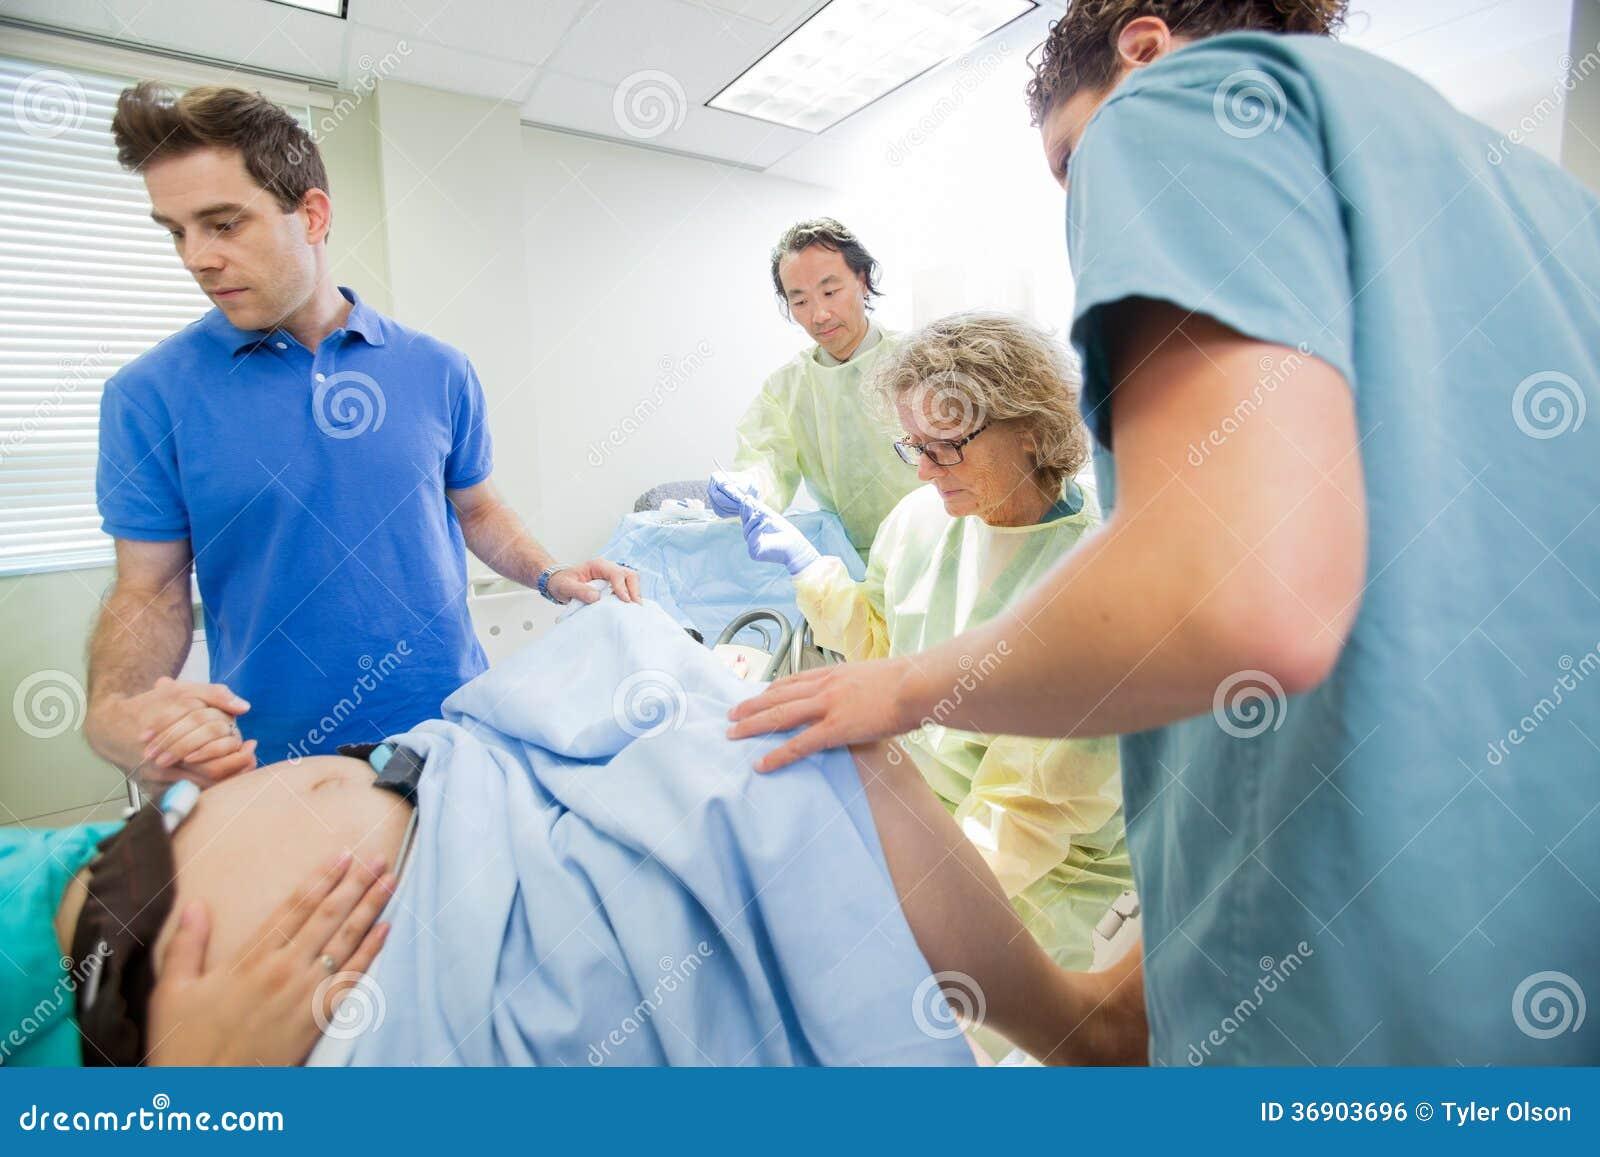 Zaopatrzenie Medyczne Egzamininuje kobieta w ciąży Podczas